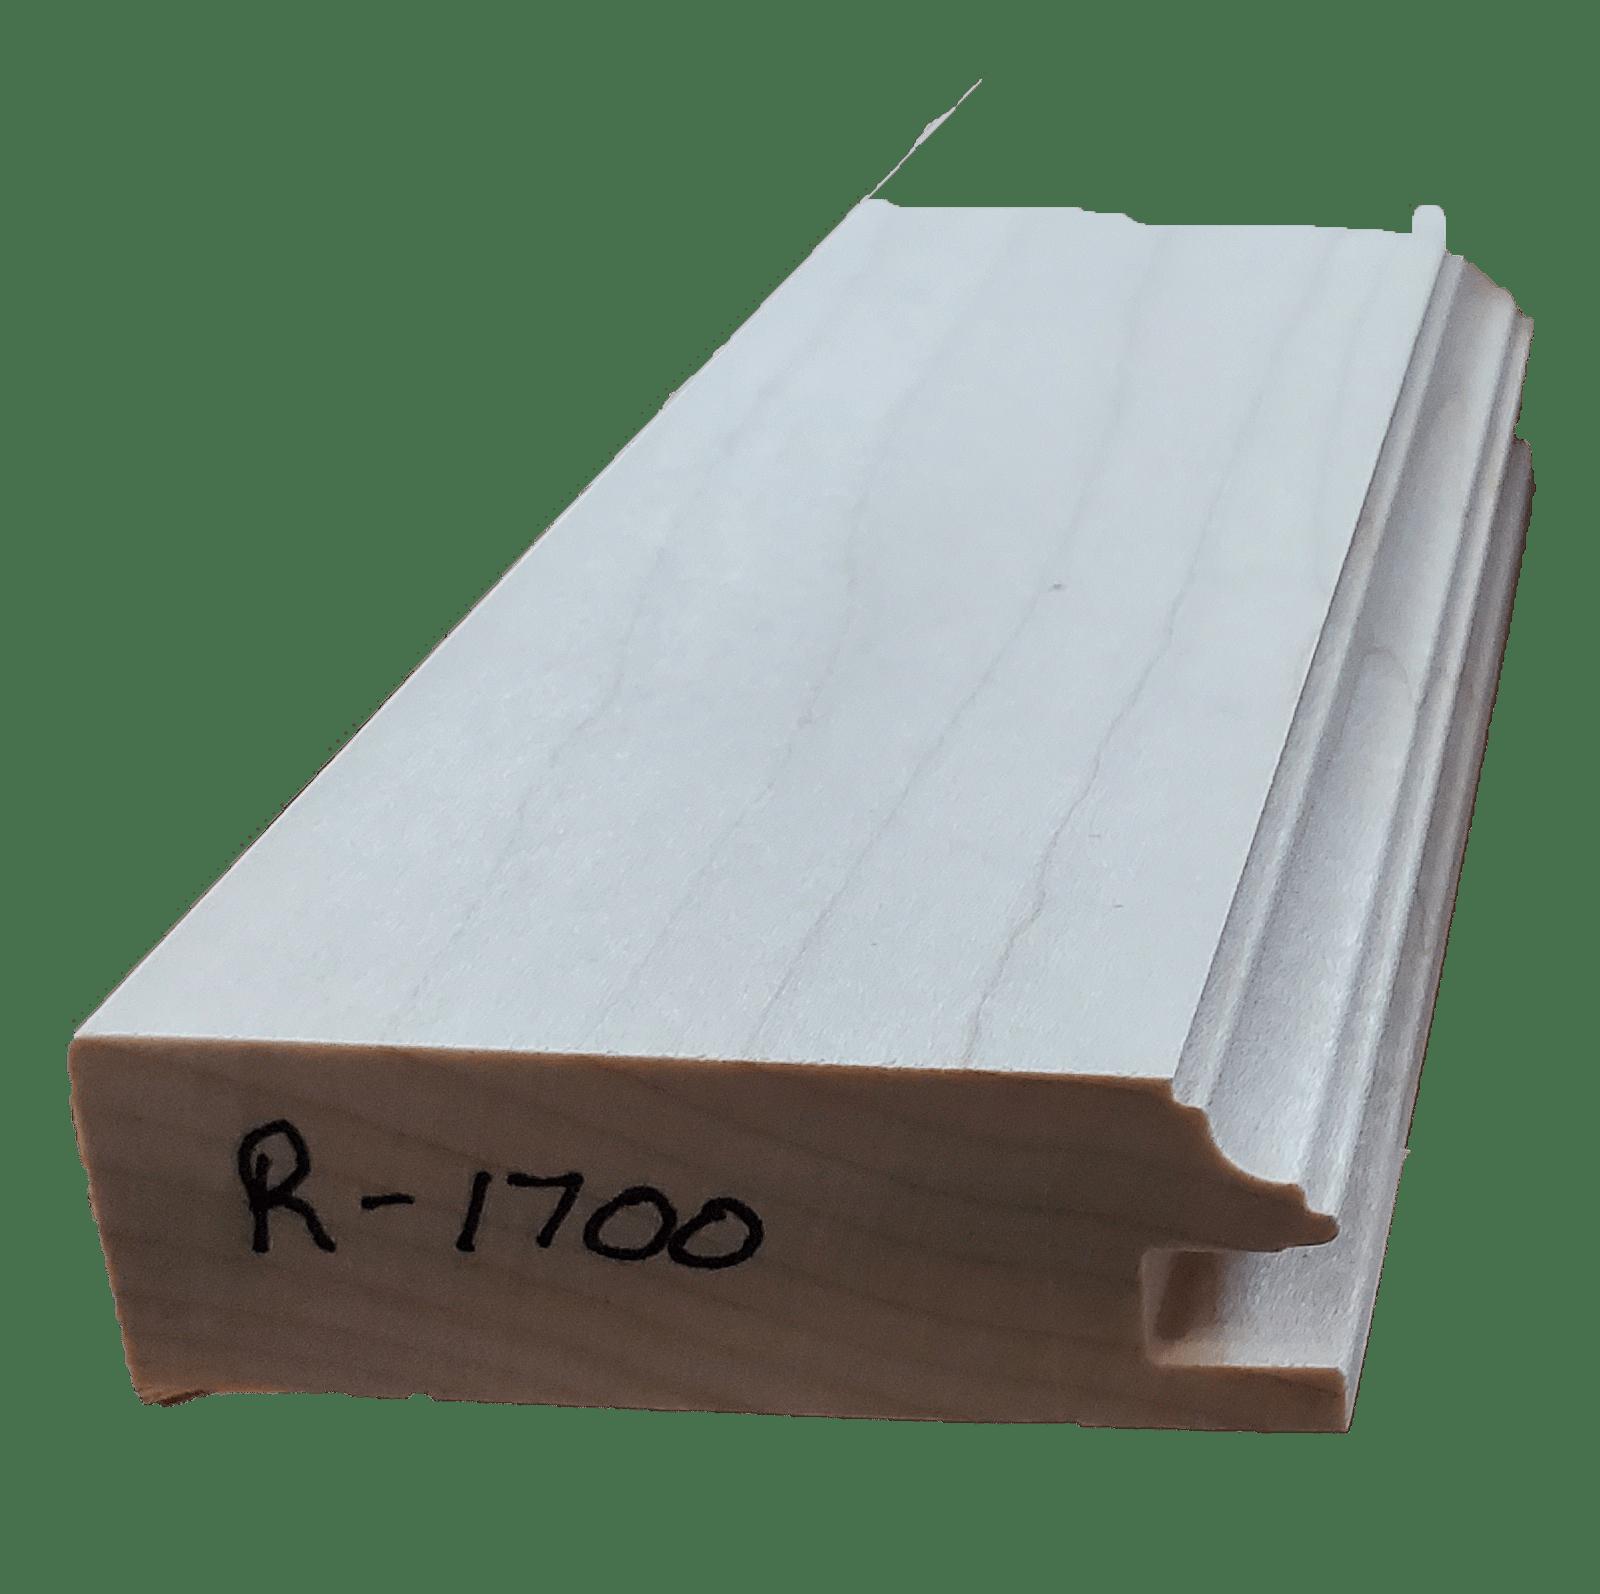 P R 1700